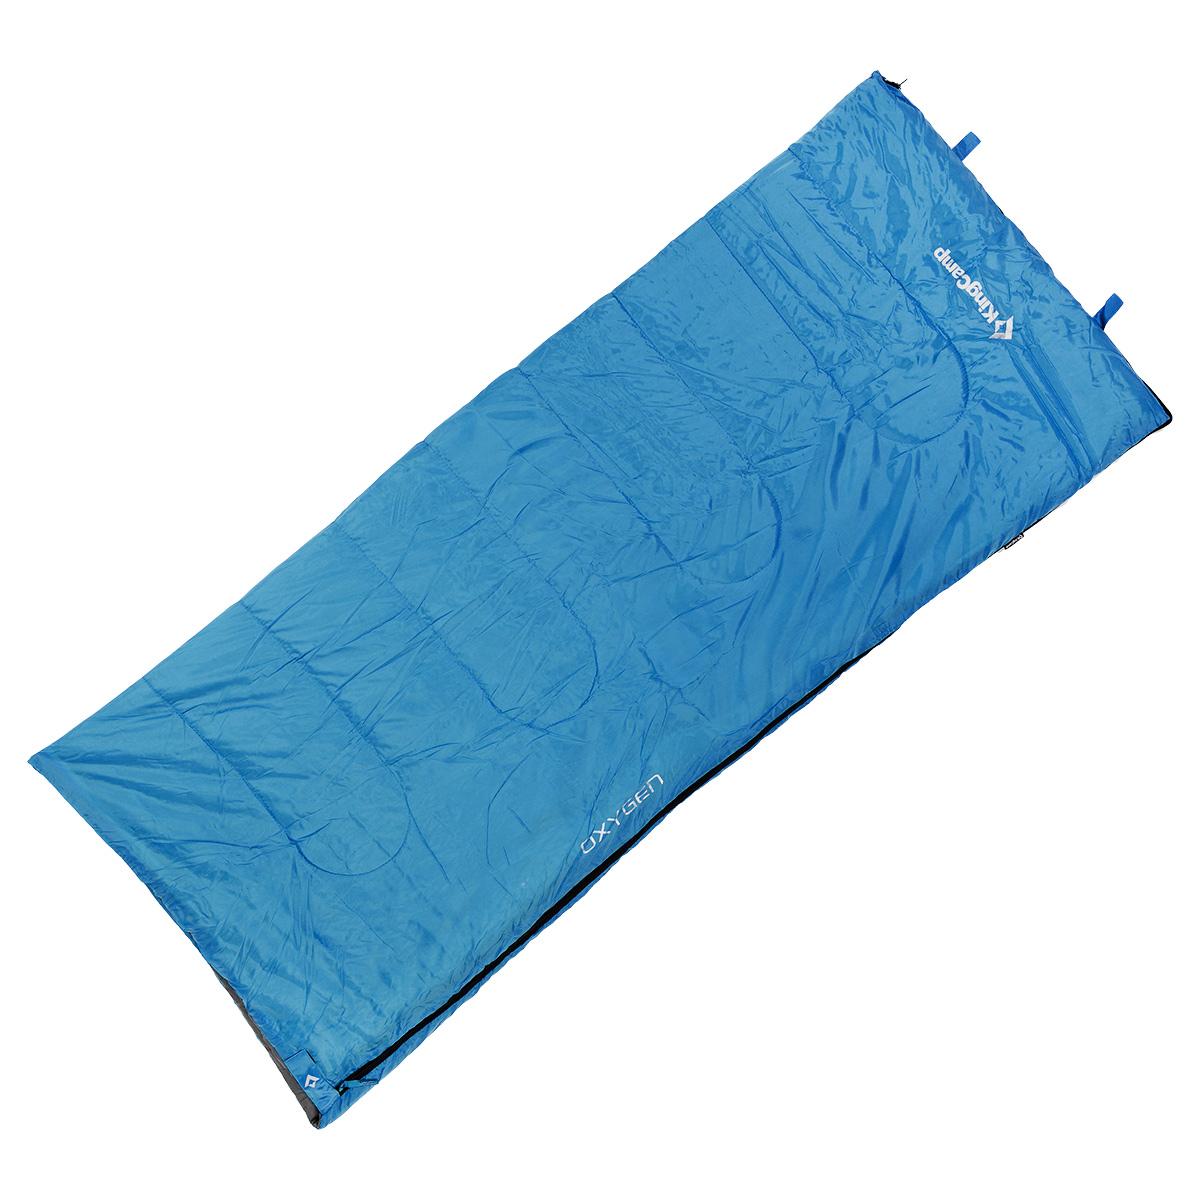 Спальный мешок-одеяло KingCamp Oxygen, цвет: синий, 180 см х 75 см010-01199-23Спальный мешок-одеяло KingCamp Oxygen предусмотрен для теплого времени года, так как рассчитан на температуру от +8°C до +18°С. Спальный мешок имеет двустороннюю застежку-молнию, оснащен удобным нейлоновым компрессионным мешком для переноски. В сложенном виде спальный мешок занимает очень мало места и весит совсем немного. Отлично подходит для летних походов, кемпинга, треккинга и велотуризма.Вес: 920 г.